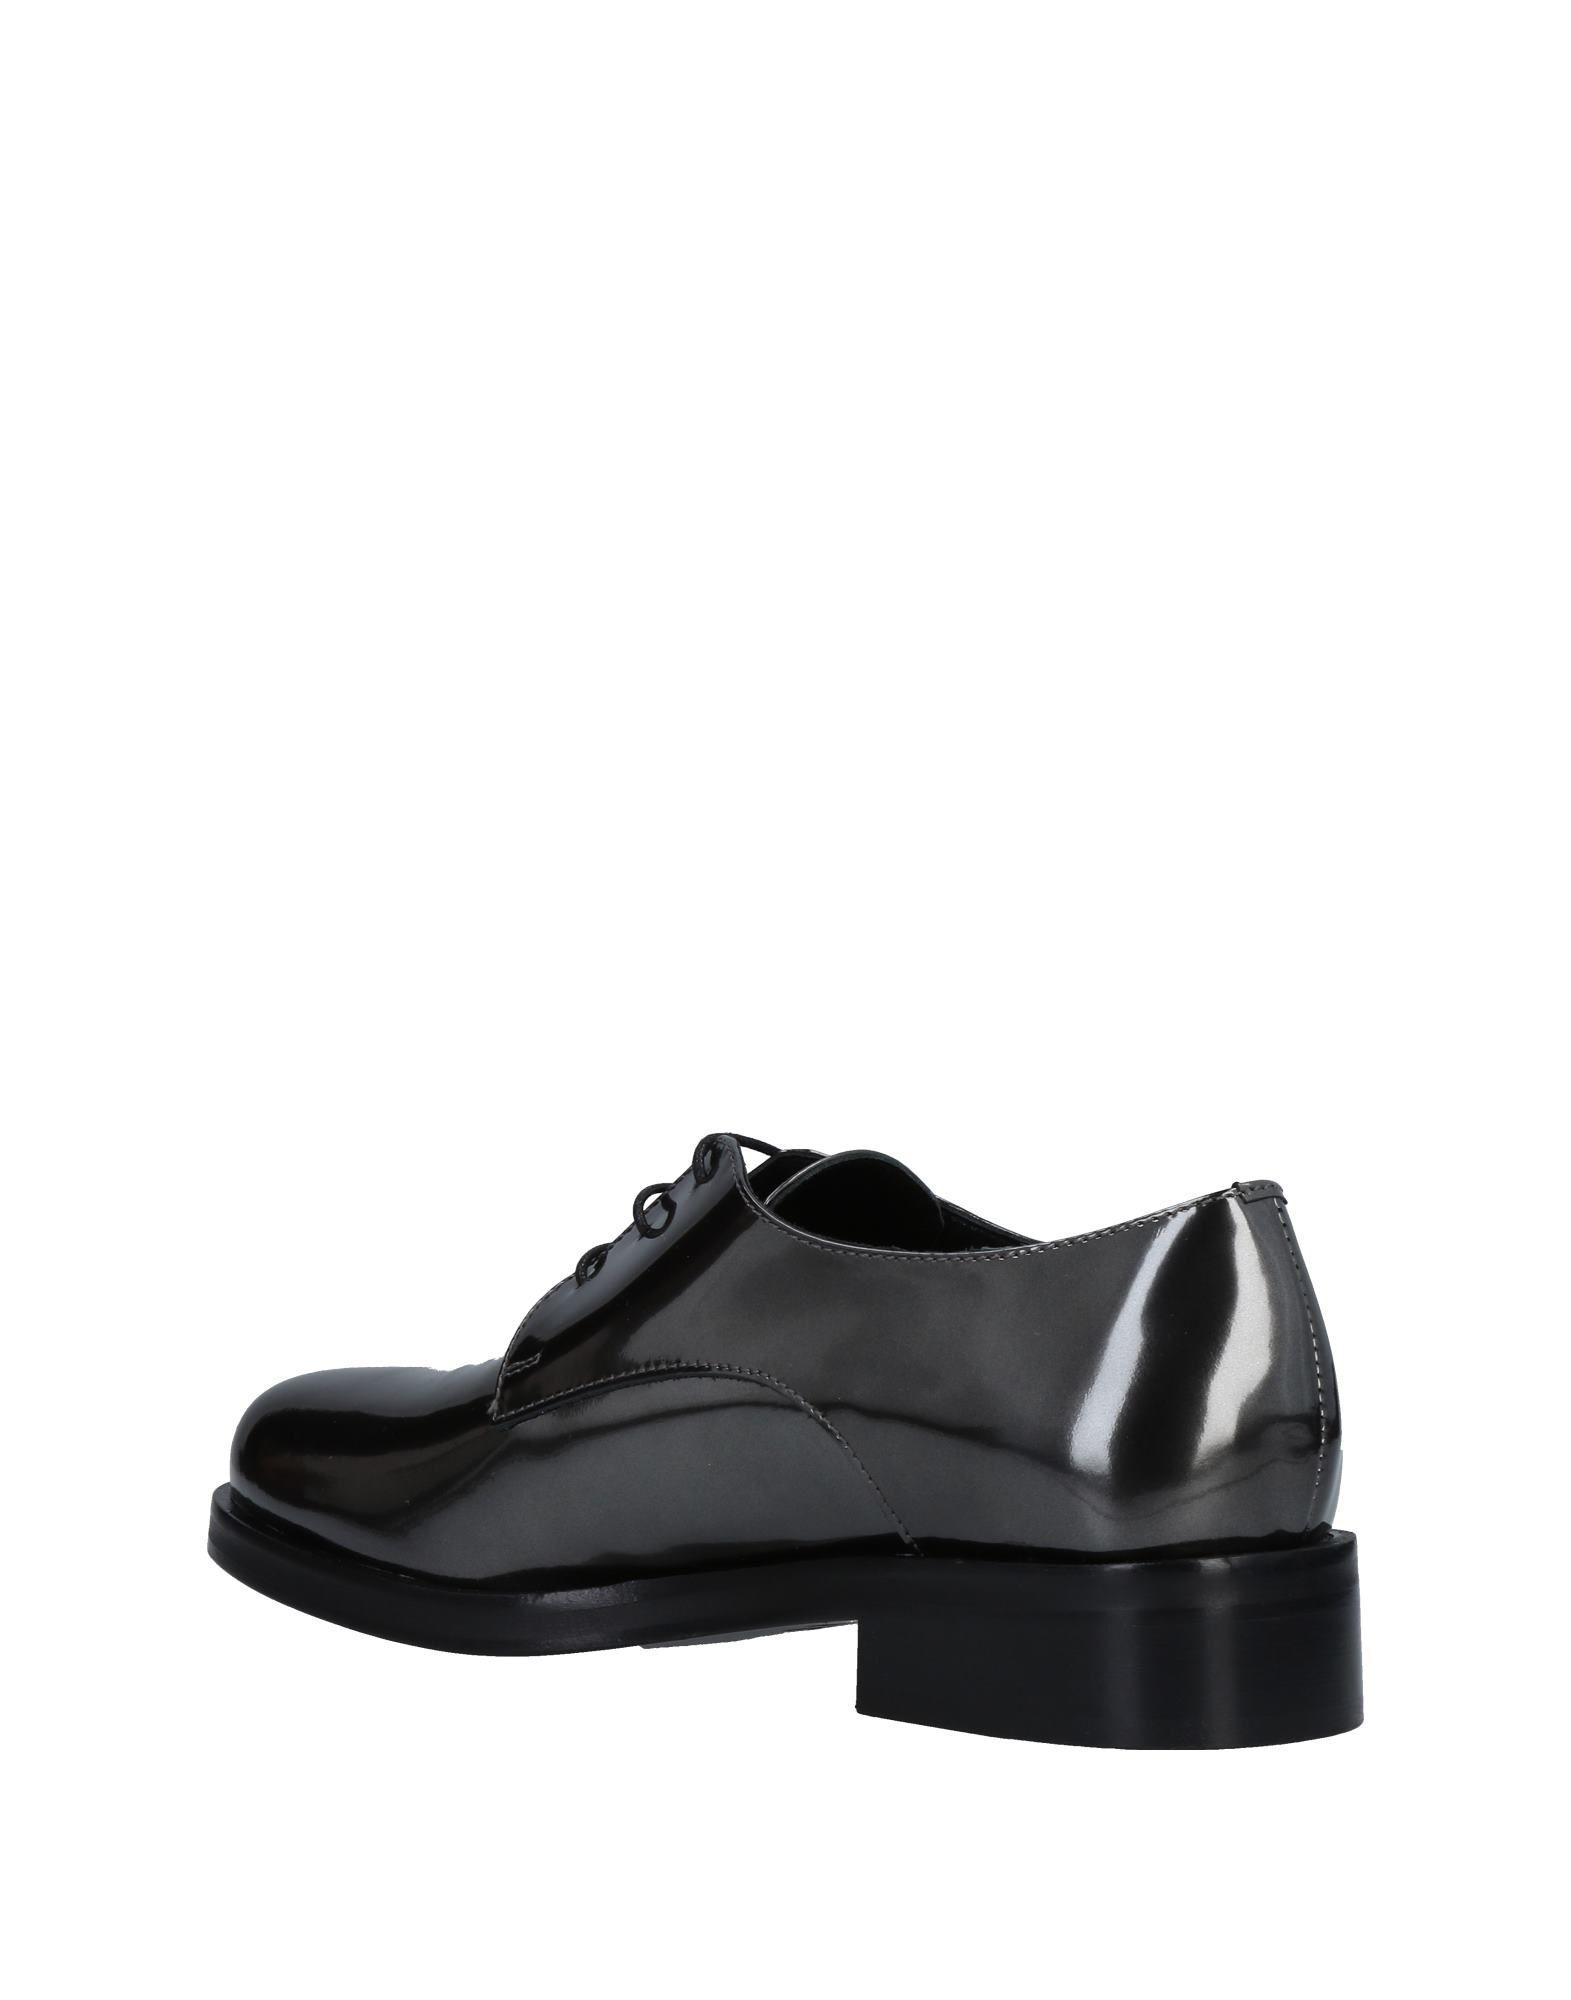 Stilvolle Schnürschuhe billige Schuhe Giancarlo Paoli Schnürschuhe Stilvolle Damen  11477237KF 776692